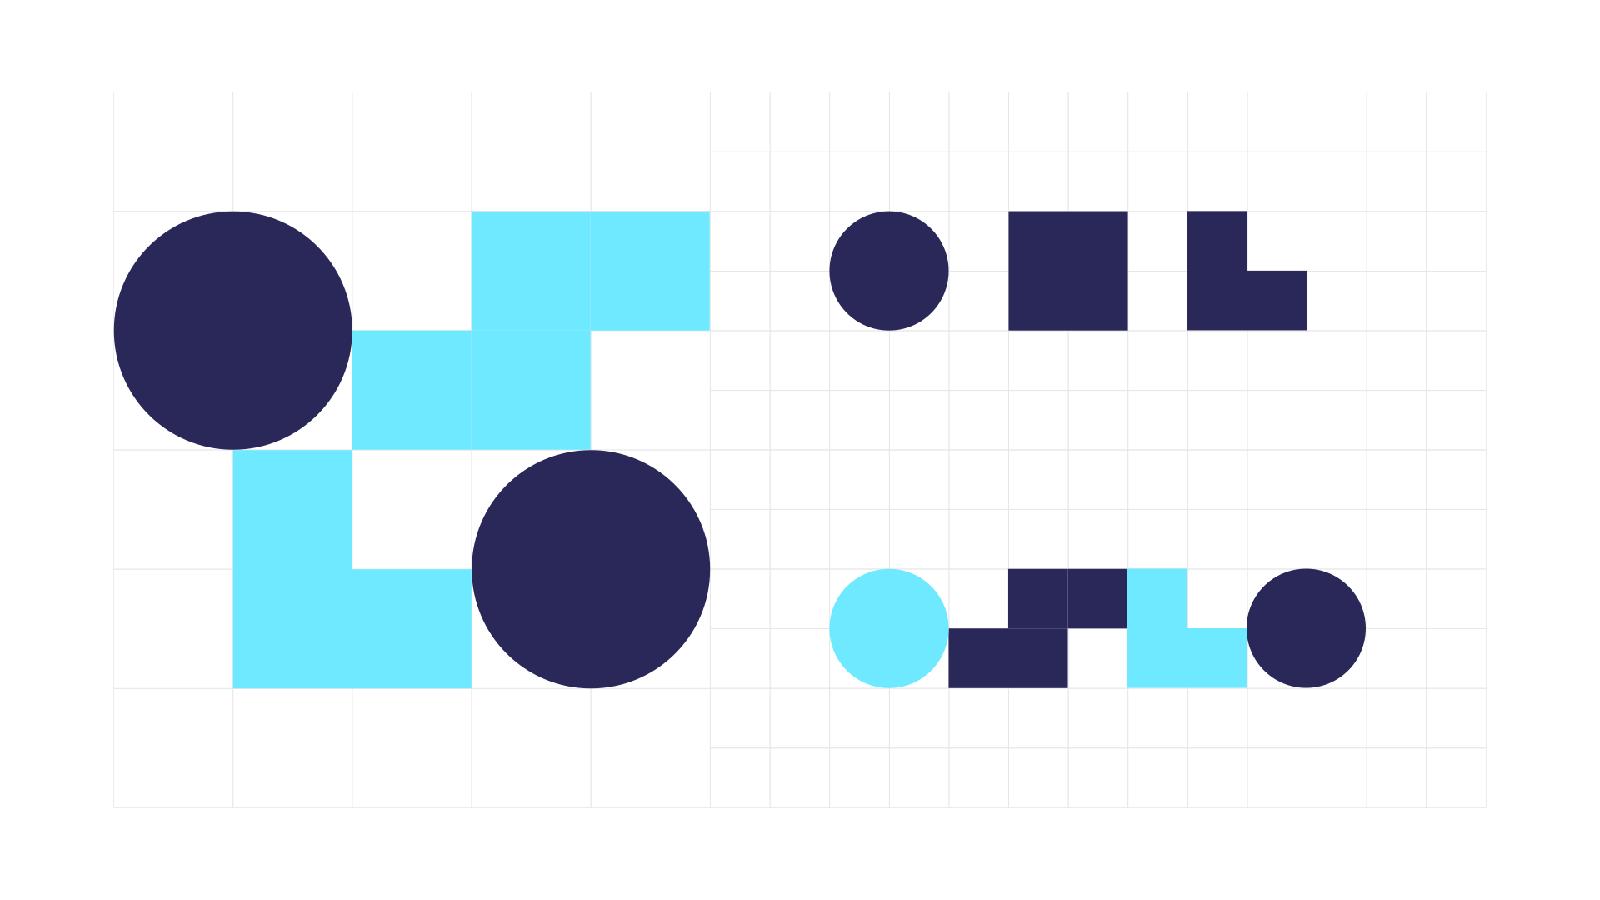 挪威Oslo奥斯陆城市更新全新的品牌logo和vi形象设计-深圳vi设计4